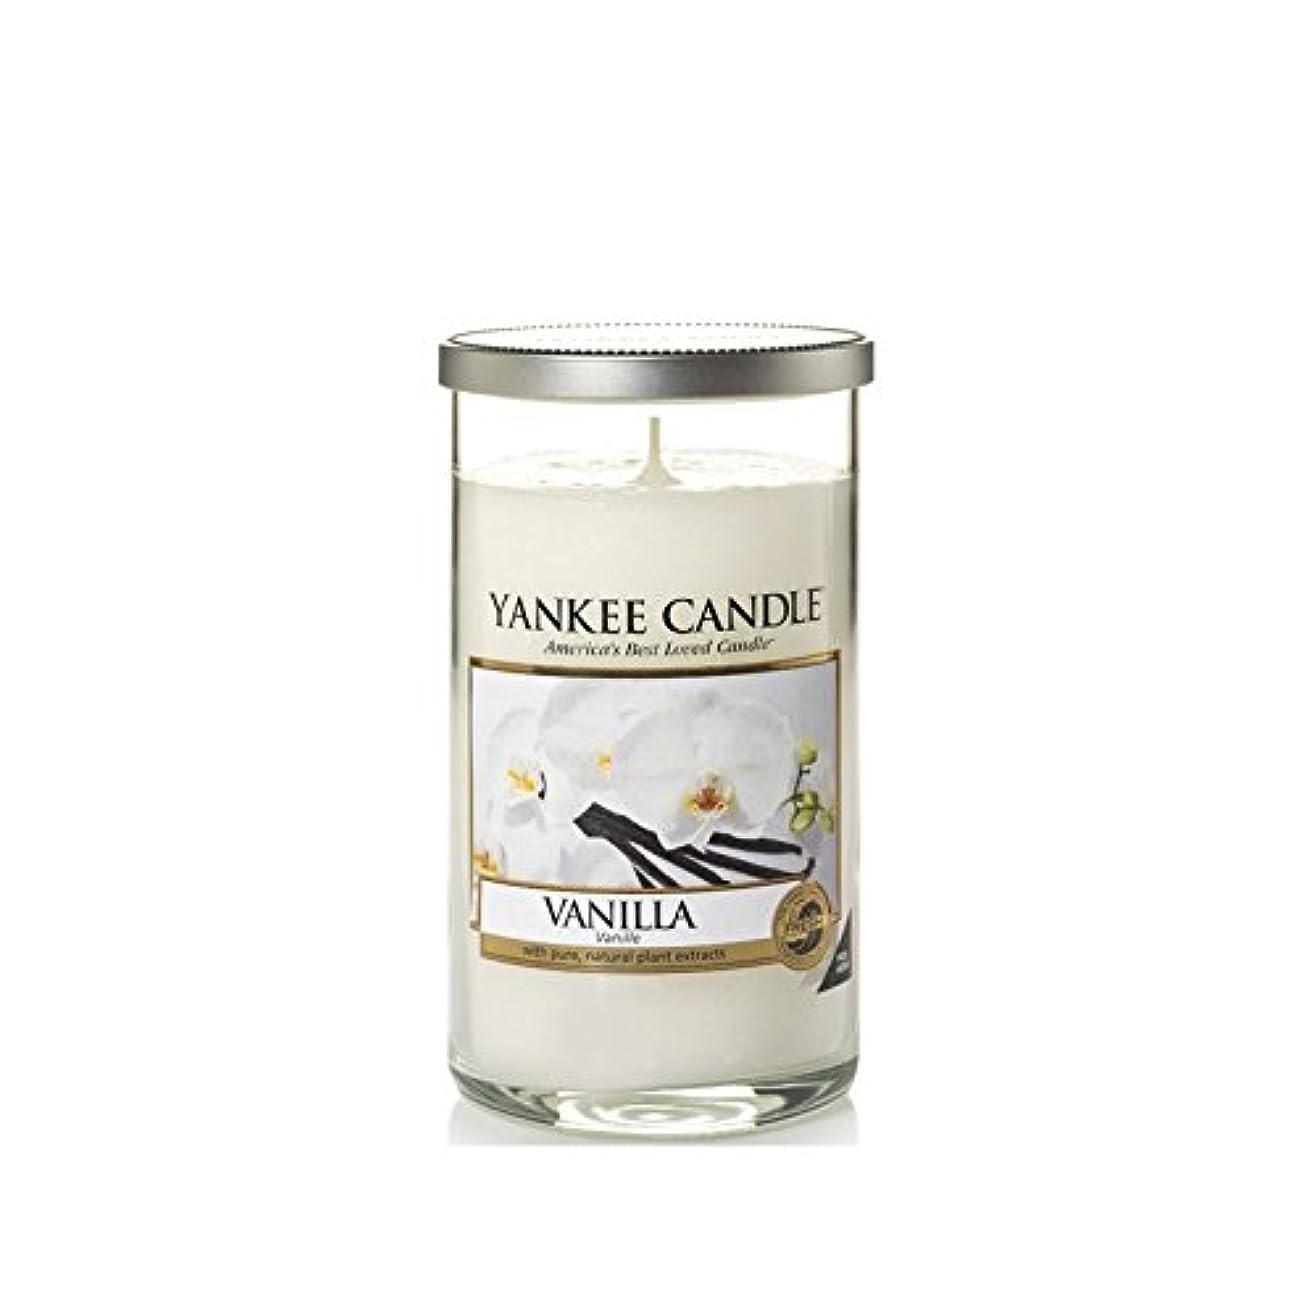 ブリークタブレットかまどYankee Candles Medium Pillar Candle - Vanilla (Pack of 6) - ヤンキーキャンドルメディアピラーキャンドル - バニラ (x6) [並行輸入品]